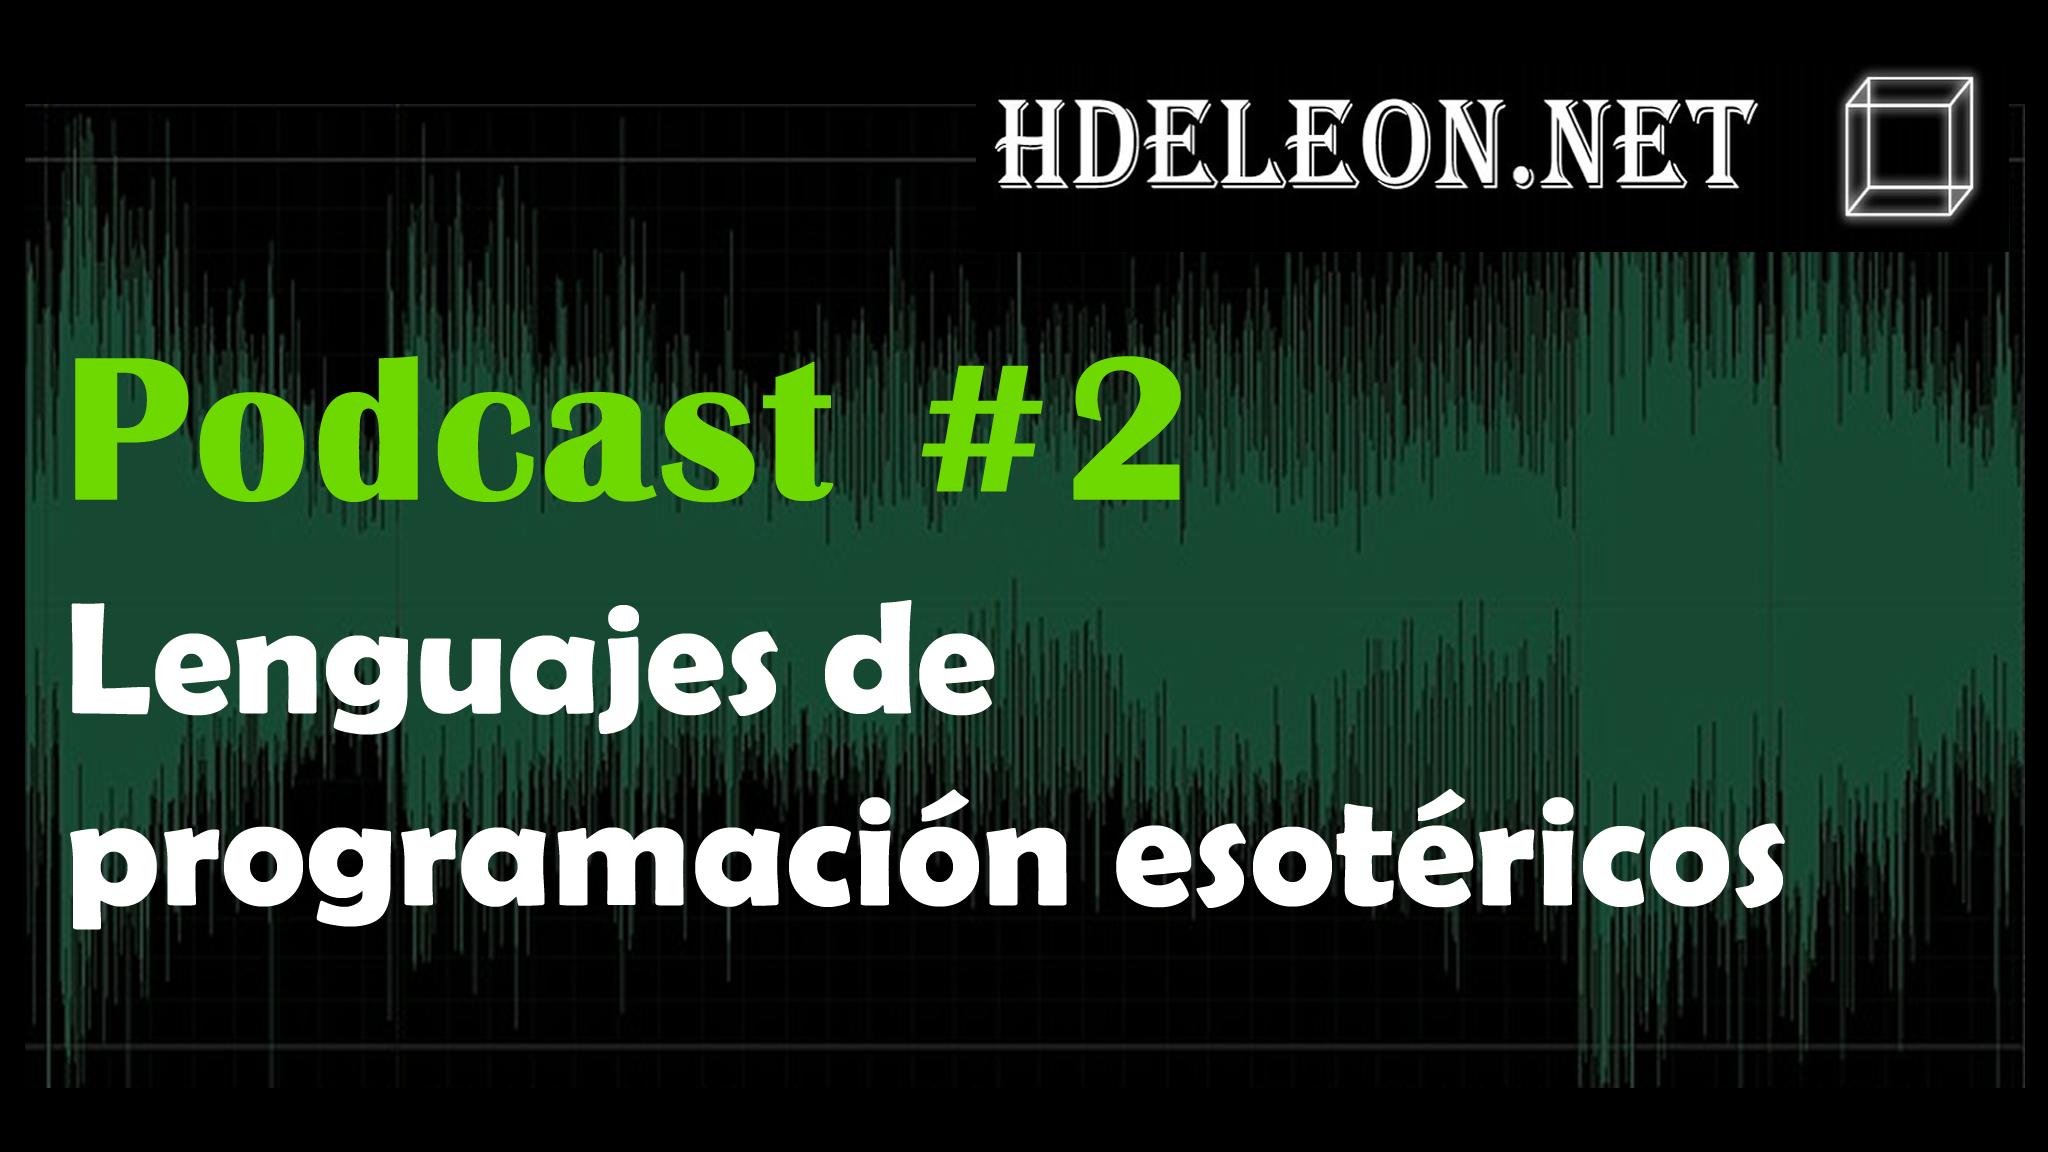 Podcast #2 – Lenguajes de programación esotéricos